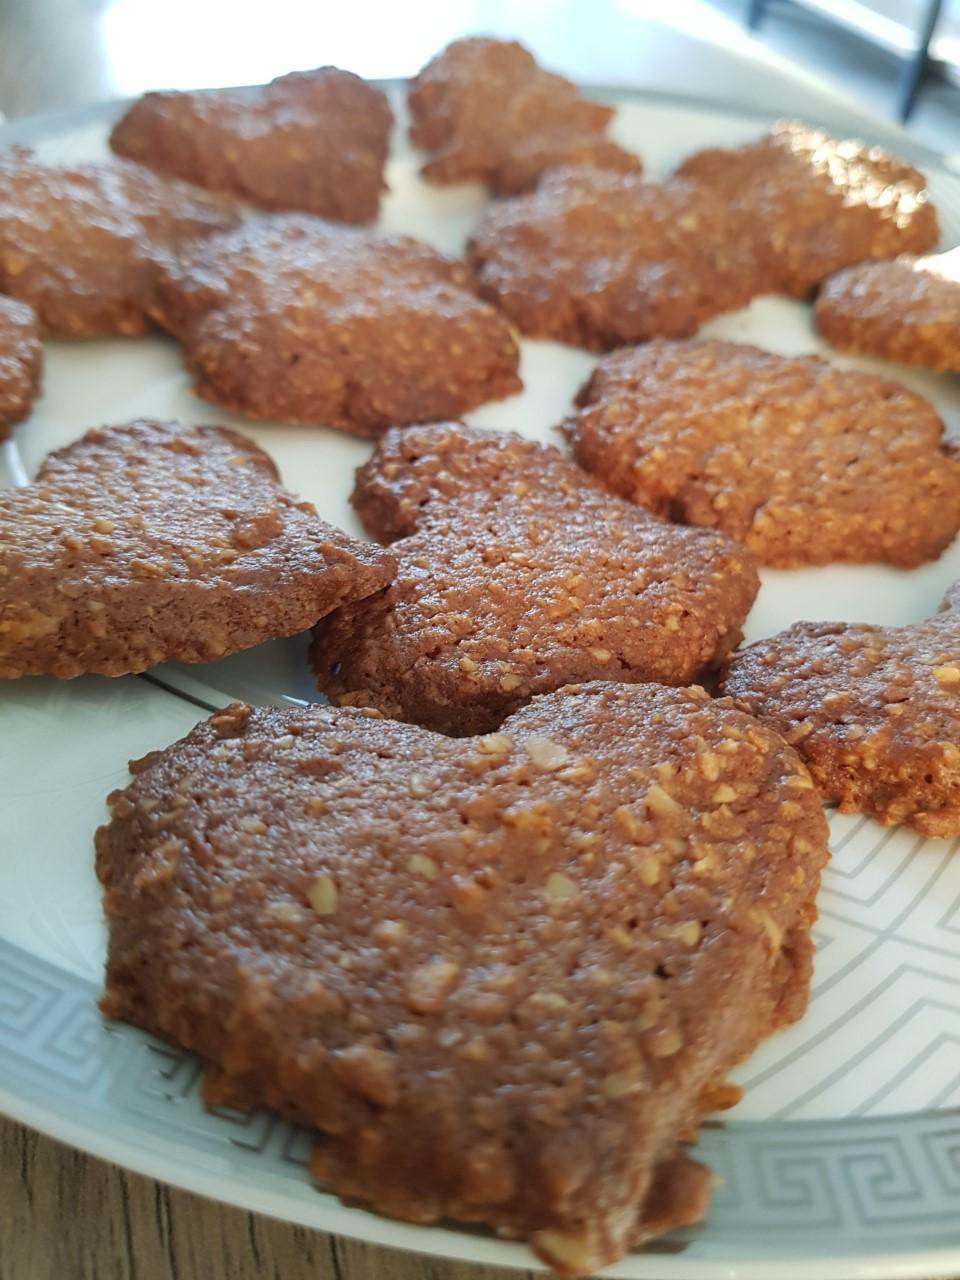 yulaflı, zencefilli yılbaşı kurabiyesi